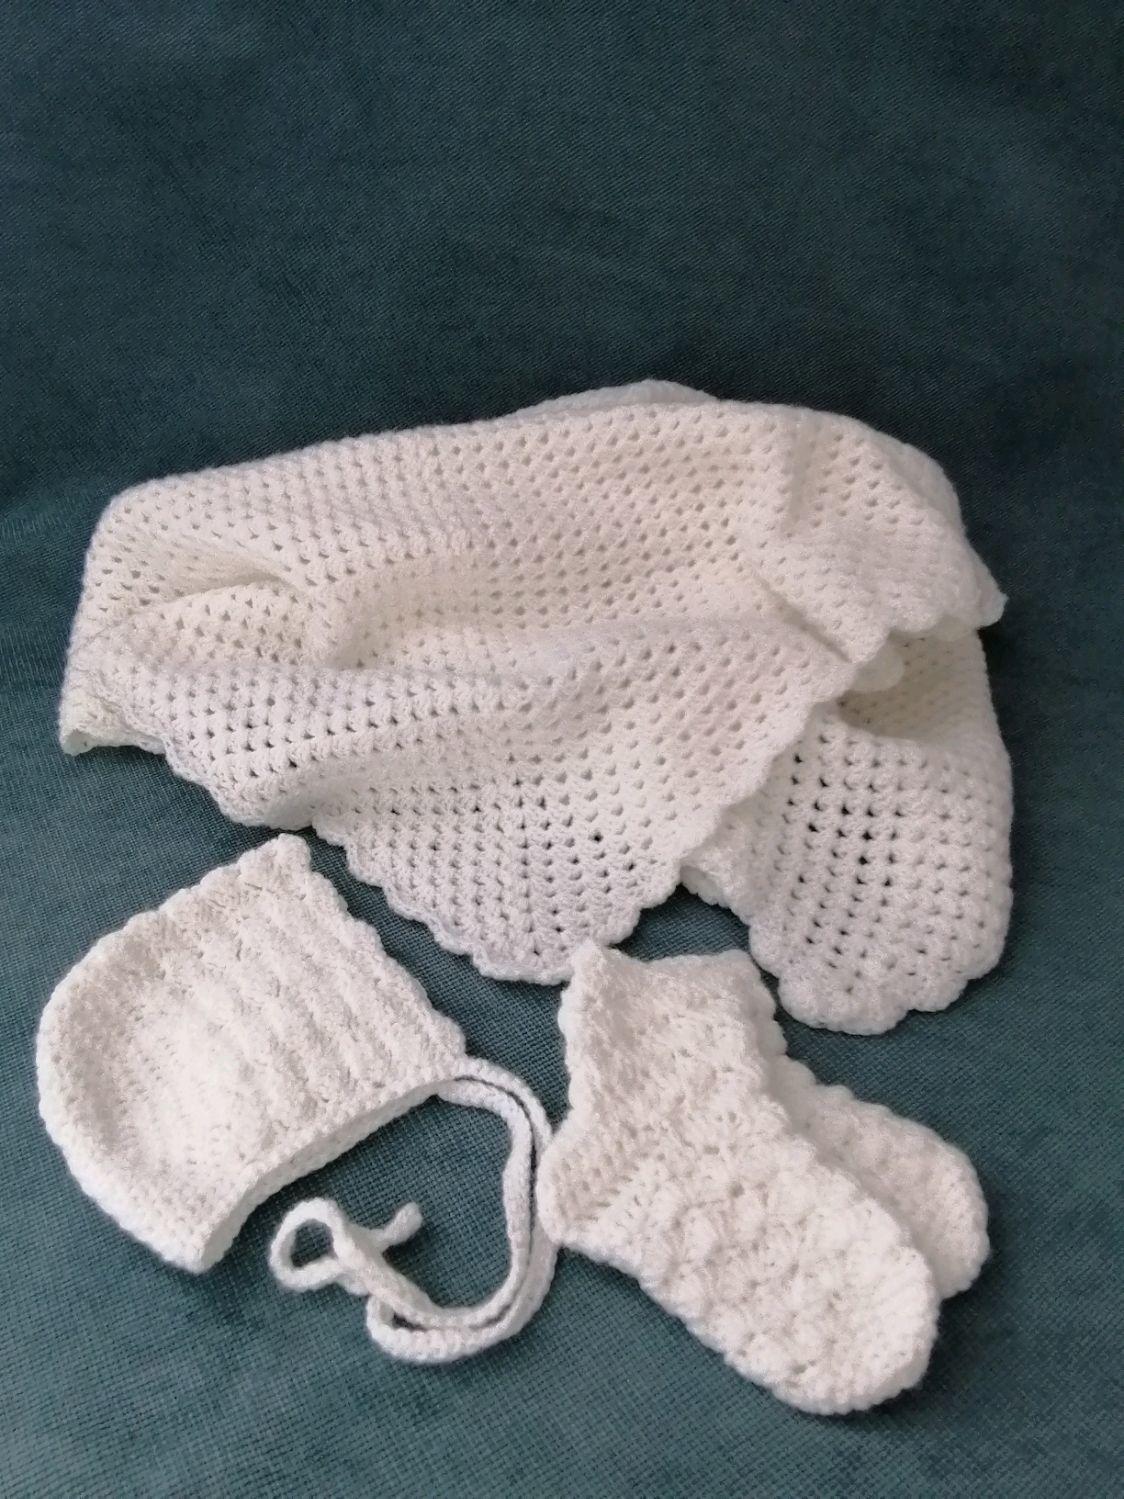 Подарочный набор для новорожденного, Подарок новорожденному, Химки,  Фото №1